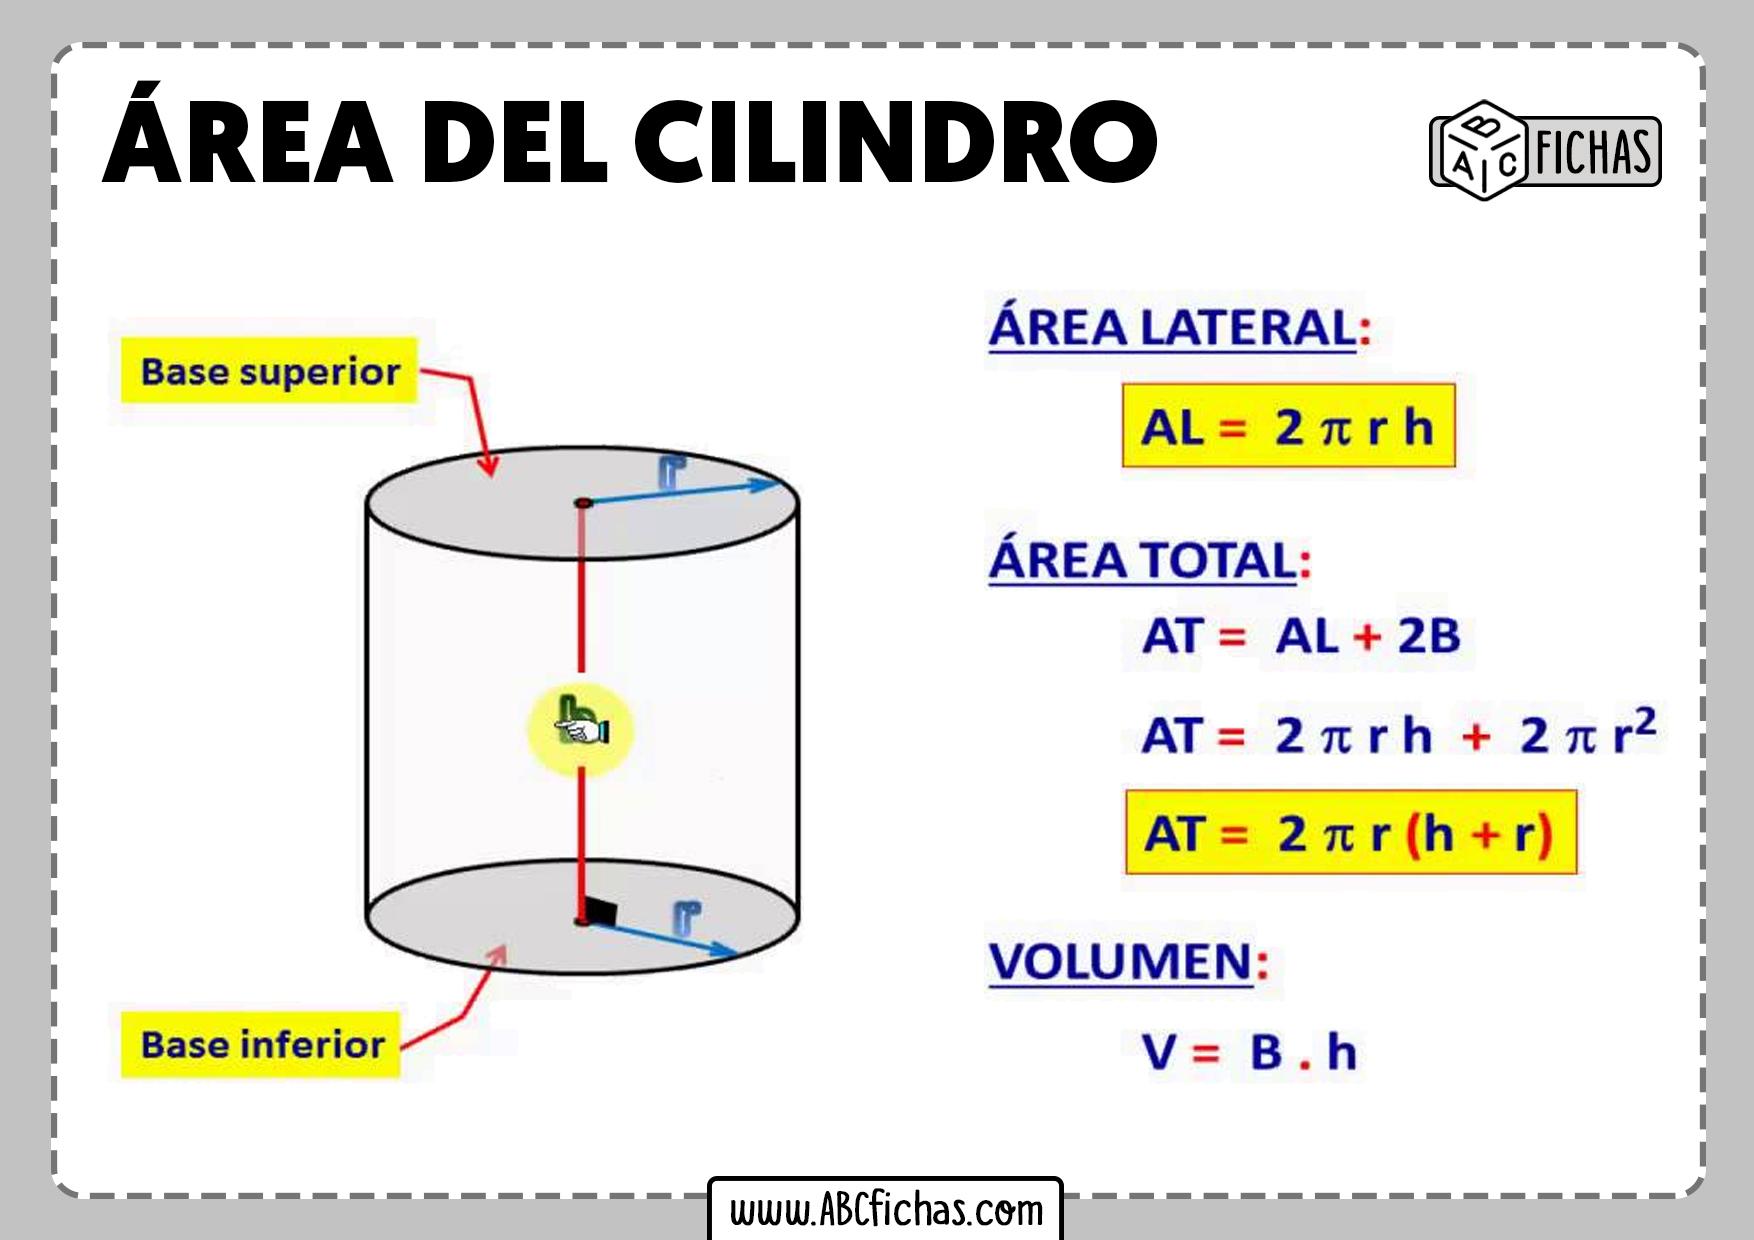 Area del cilindro formula